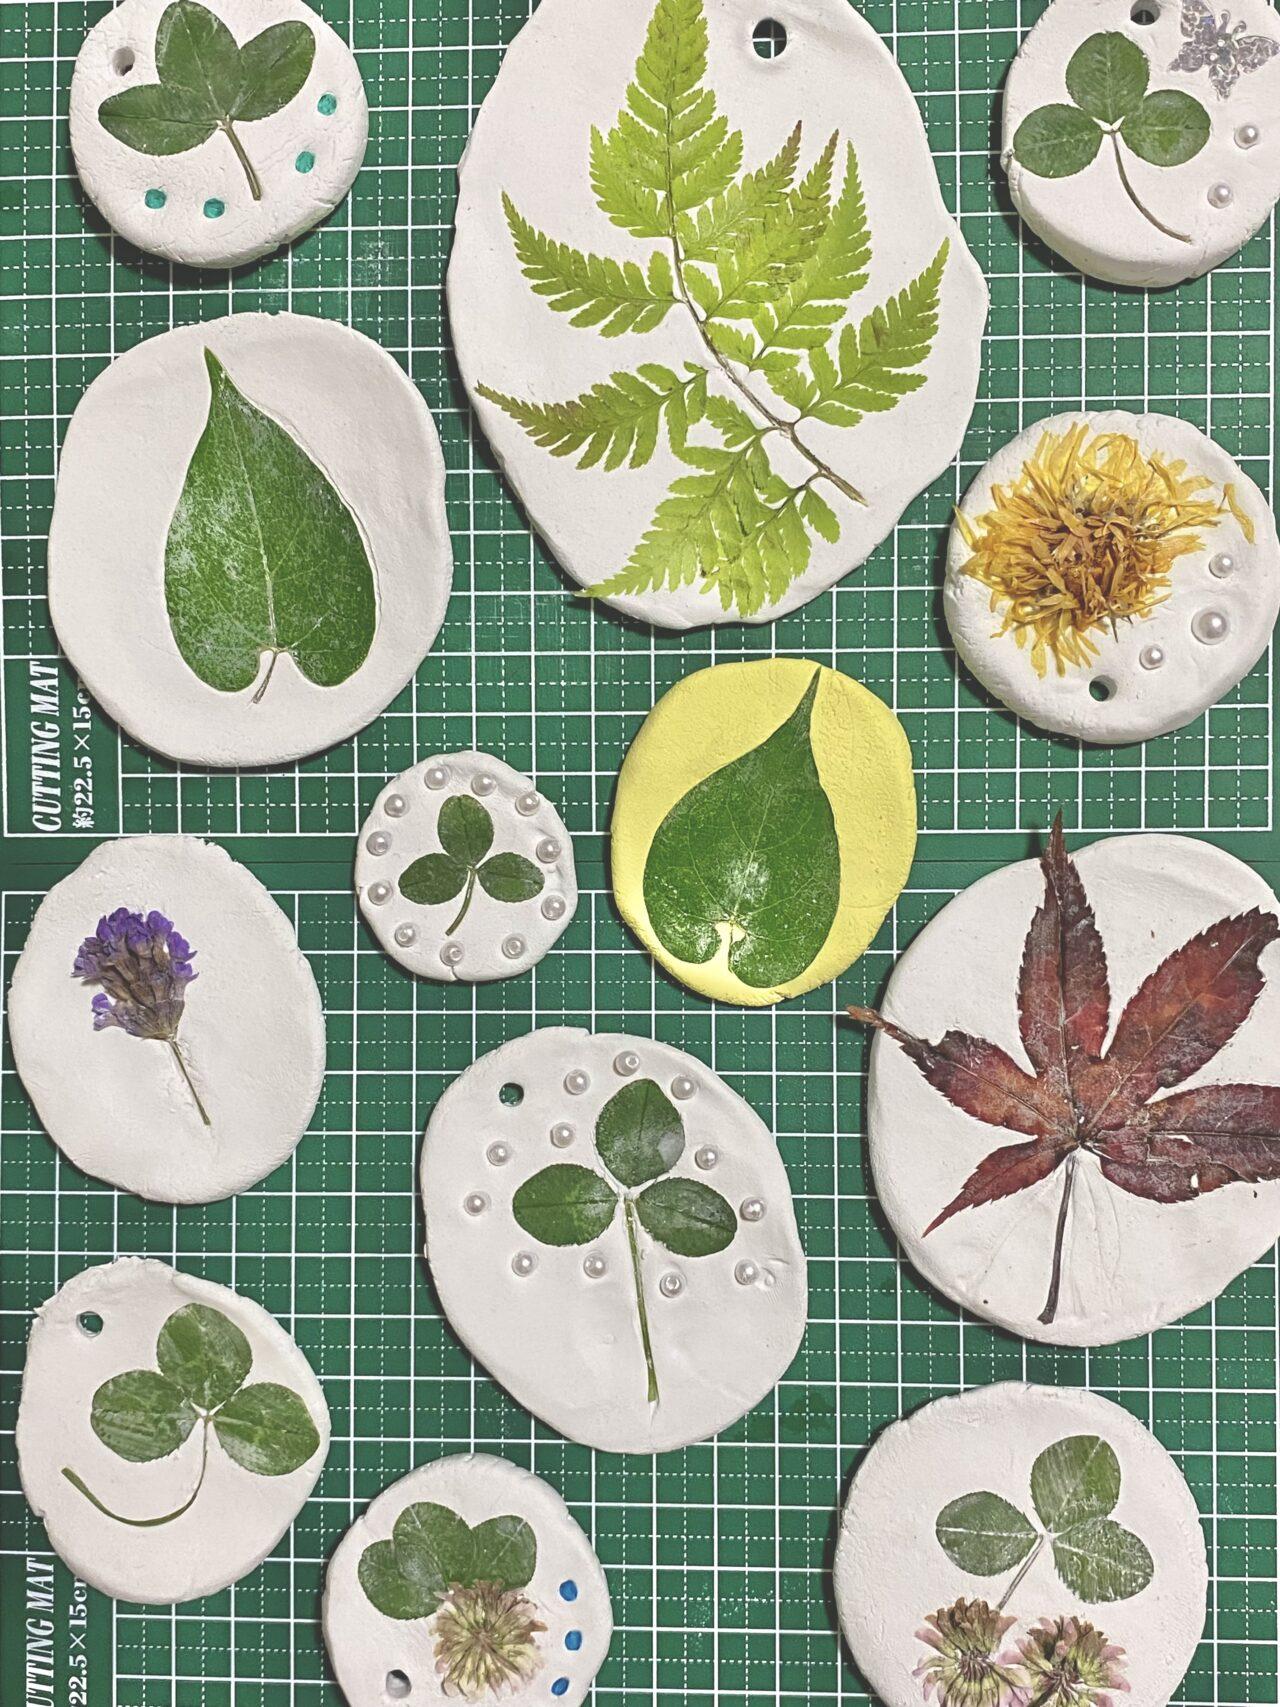 夏のキッズイベント第2弾 「紙粘土に自然を詰め込もう!」